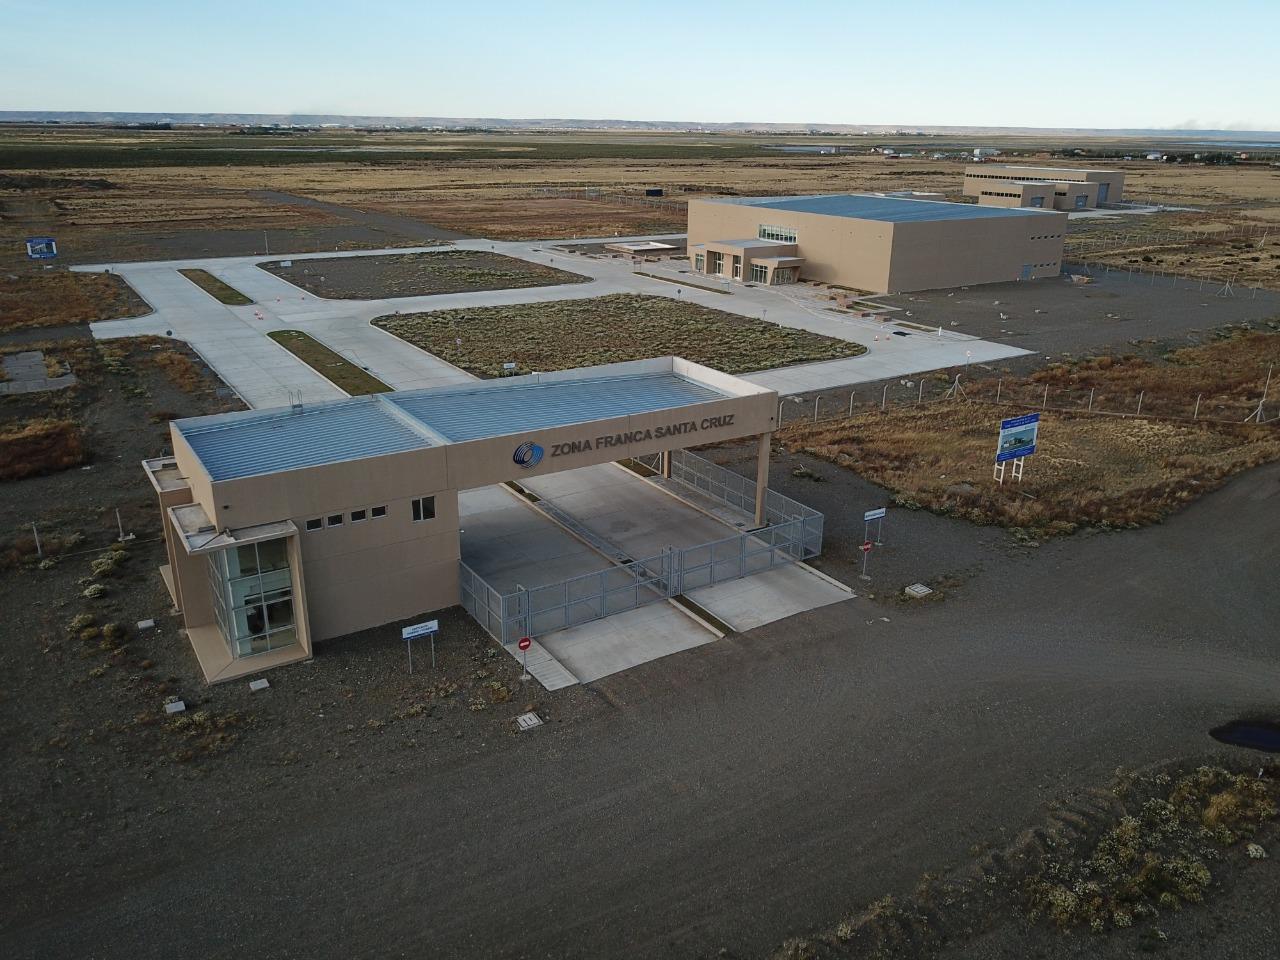 Río gallegos: se habilitó la primera zona franca con operaciones de venta al por menor